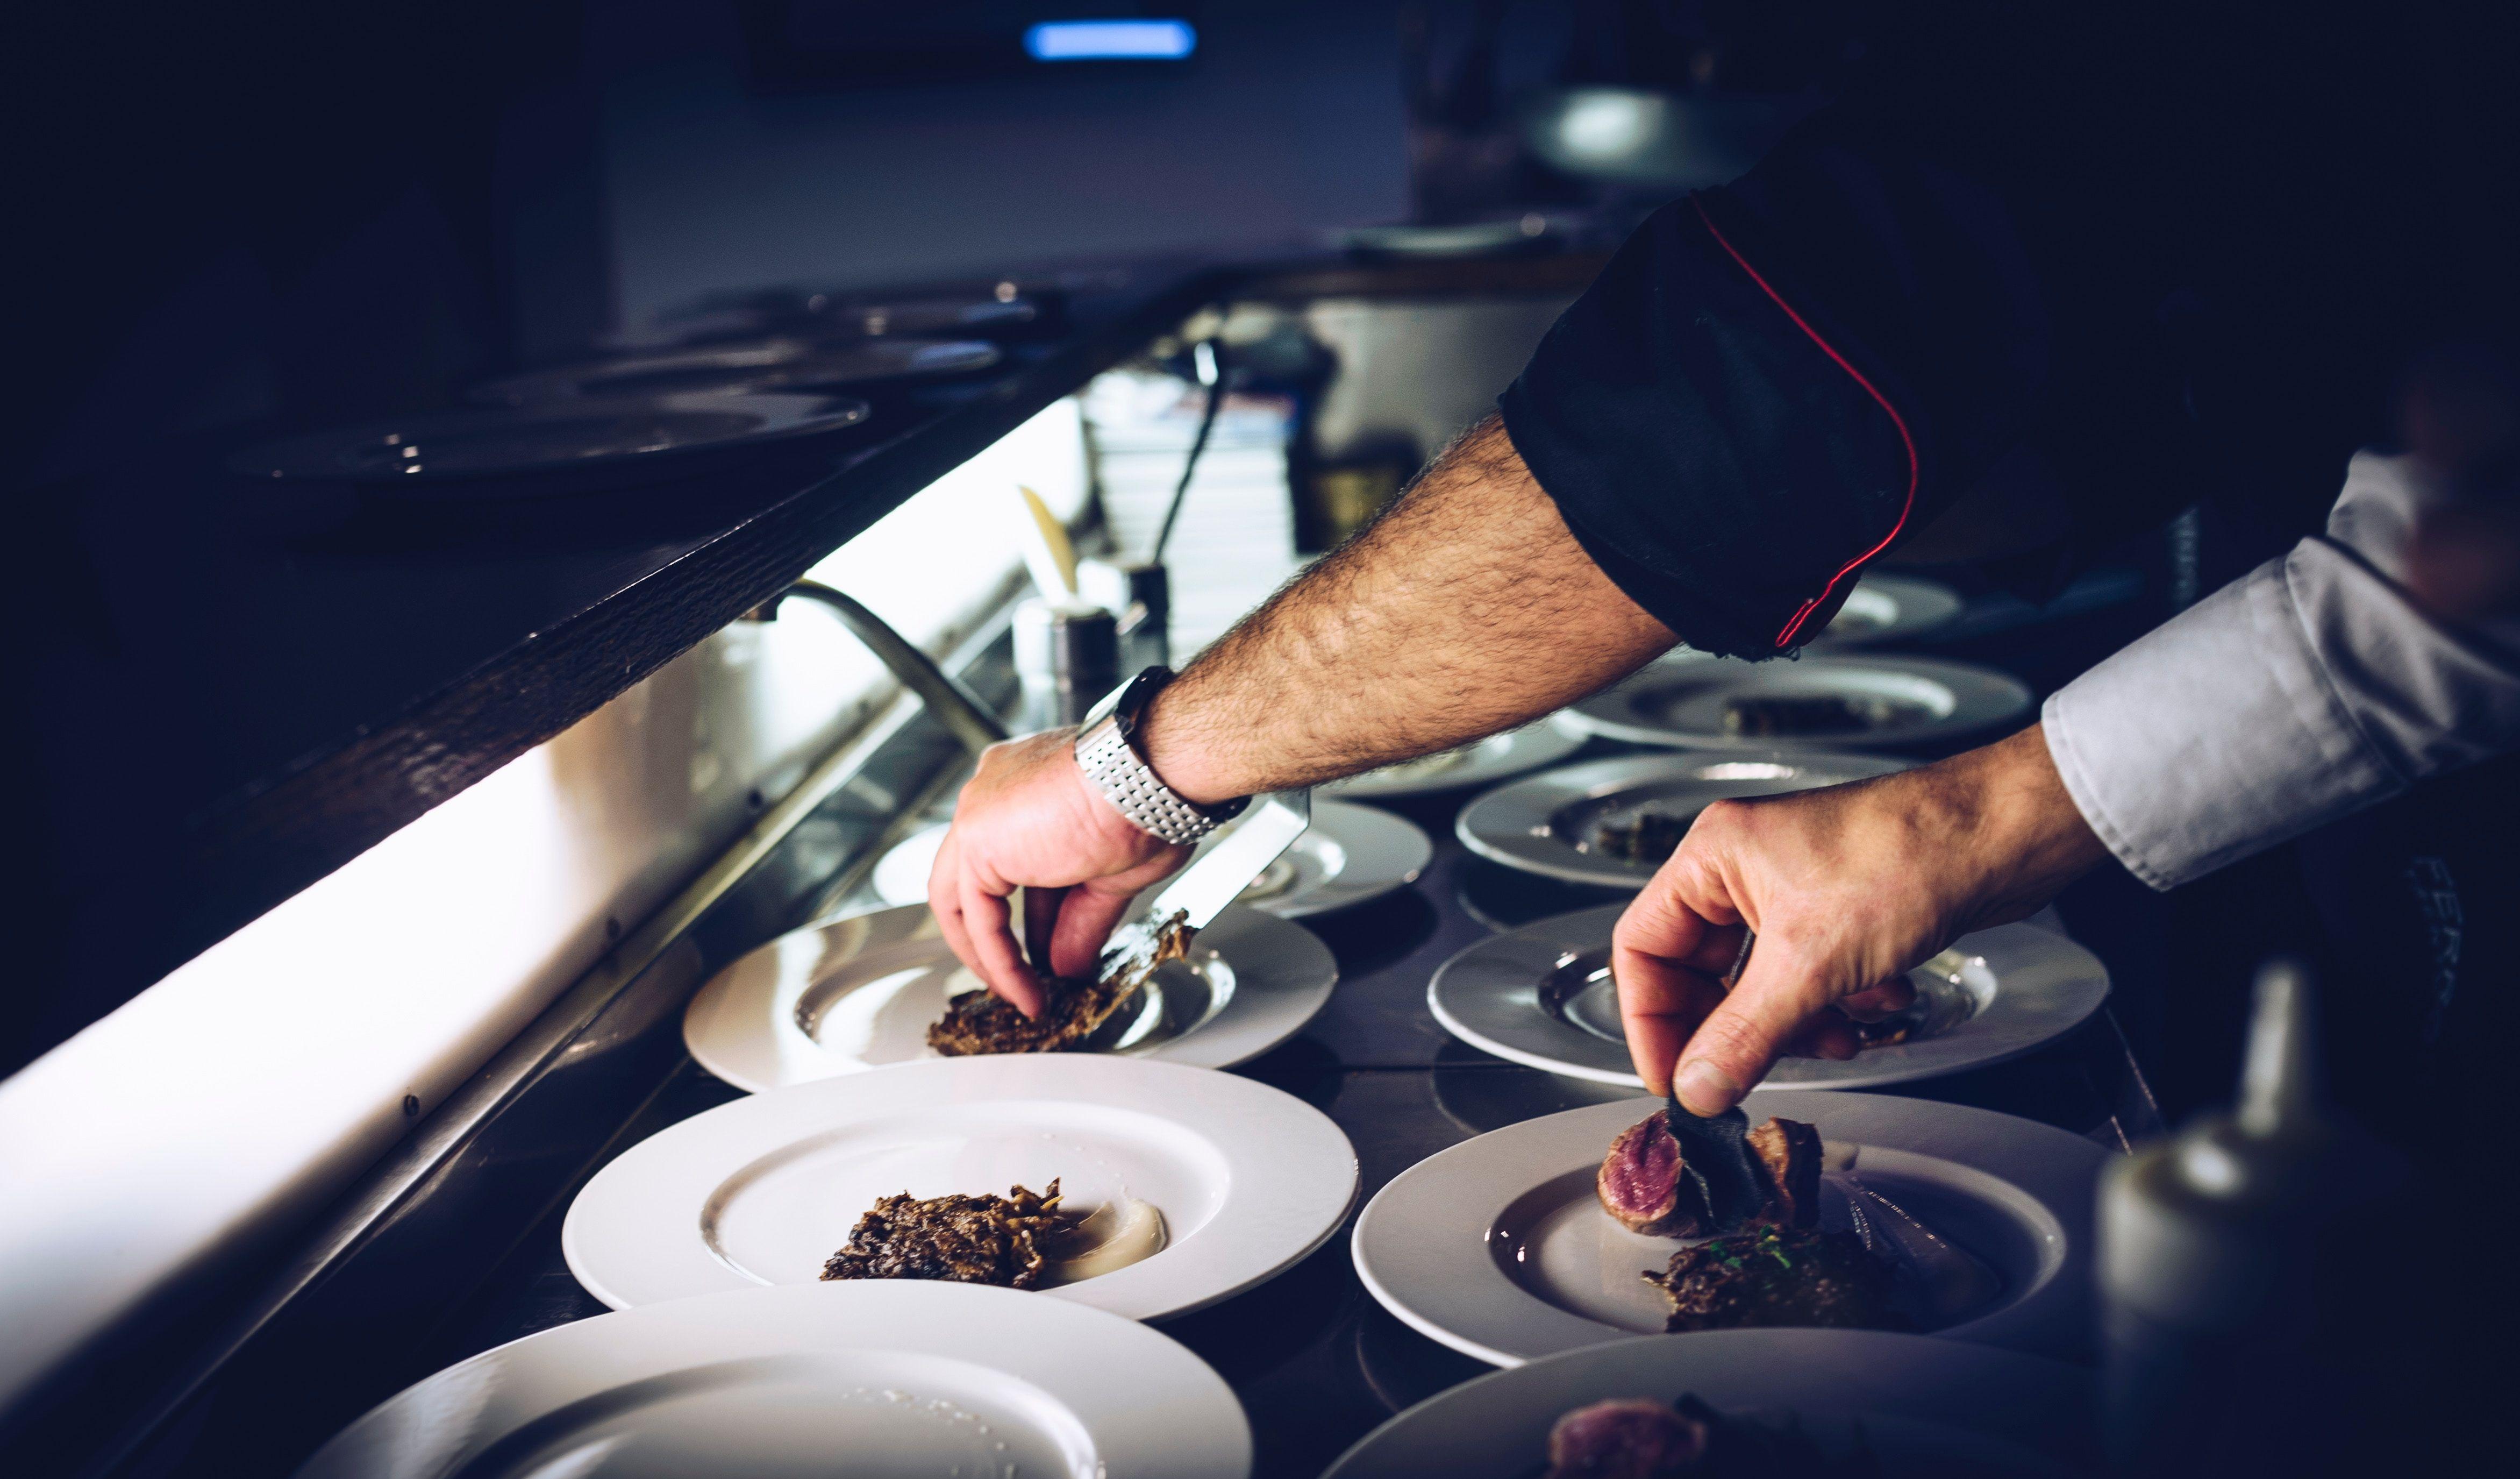 A cena da Tomeu Caldentey, lo chef che ha rinunciato alla stella Michelin